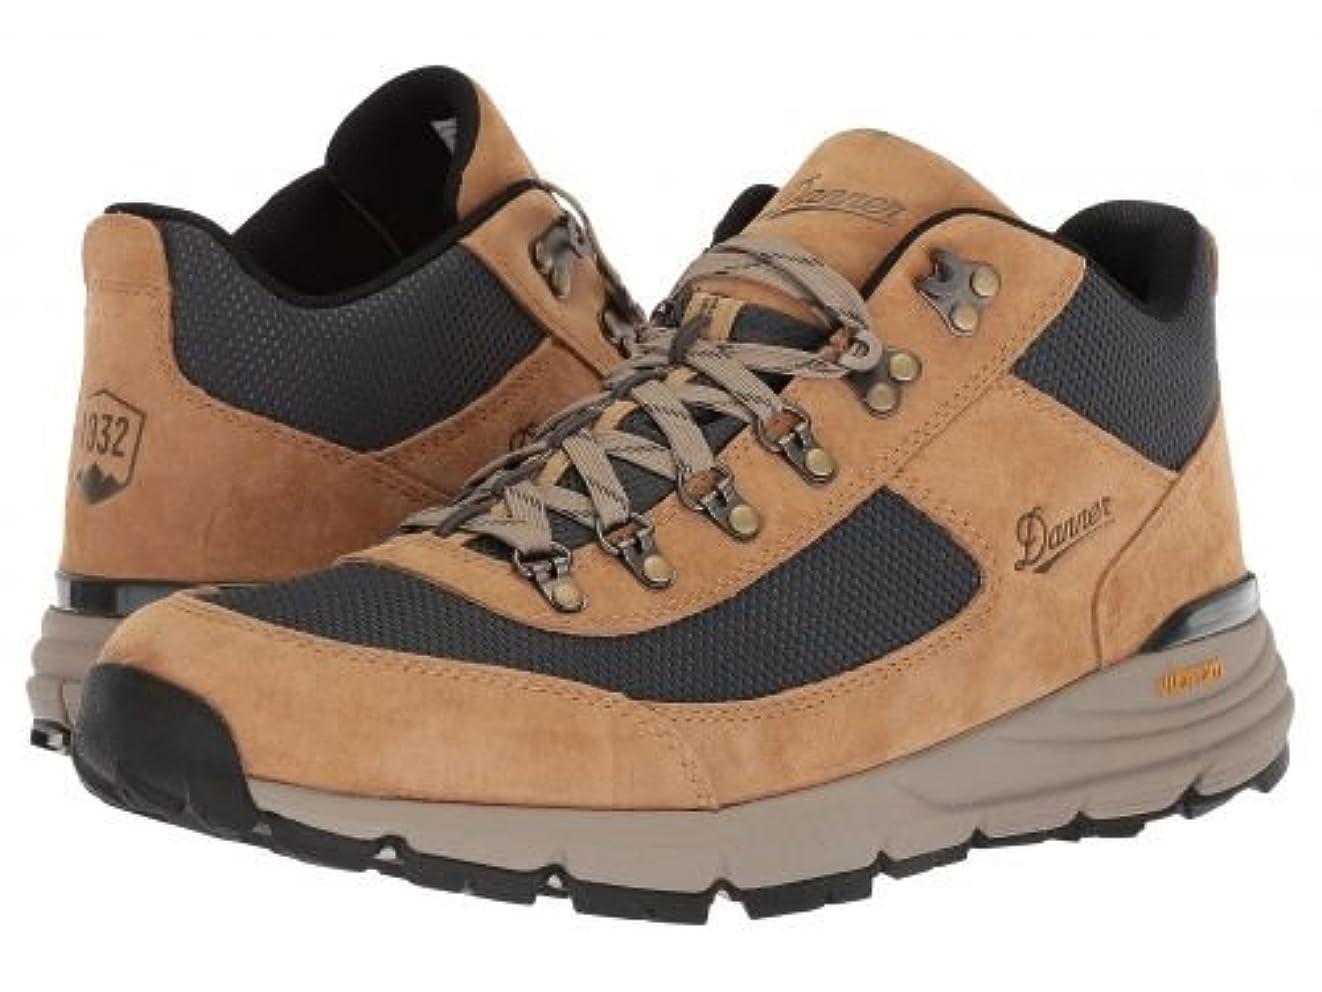 リベラルリーク教義Danner(ダナー) メンズ 男性用 シューズ 靴 ブーツ ハイキングブーツ South Rim 600 - Sand [並行輸入品]